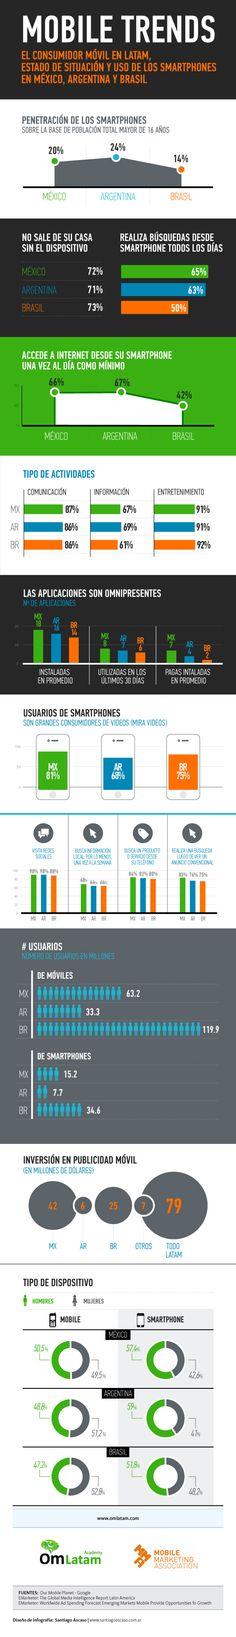 Mobile Trends Latam > El consumidor móvil en Latinoamérica: estado de situación y uso de los smartphones en México, Argentina y Brasil @OM Latam #MMA